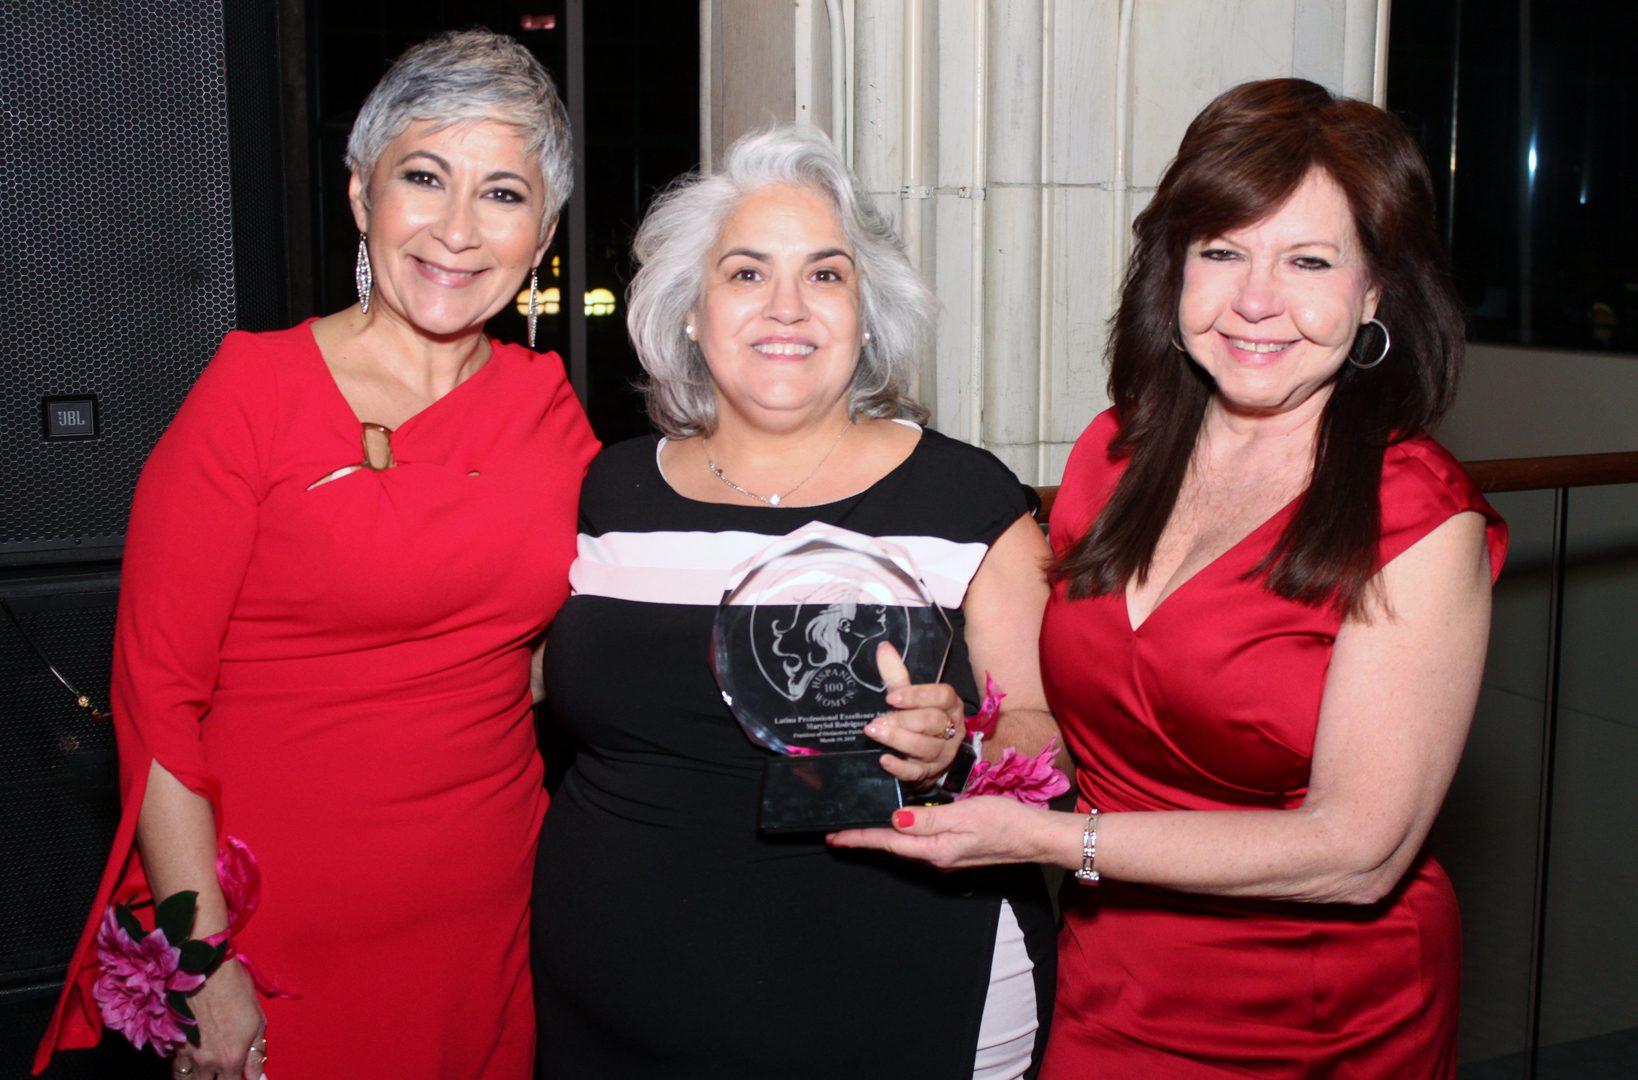 A woman holding up an award